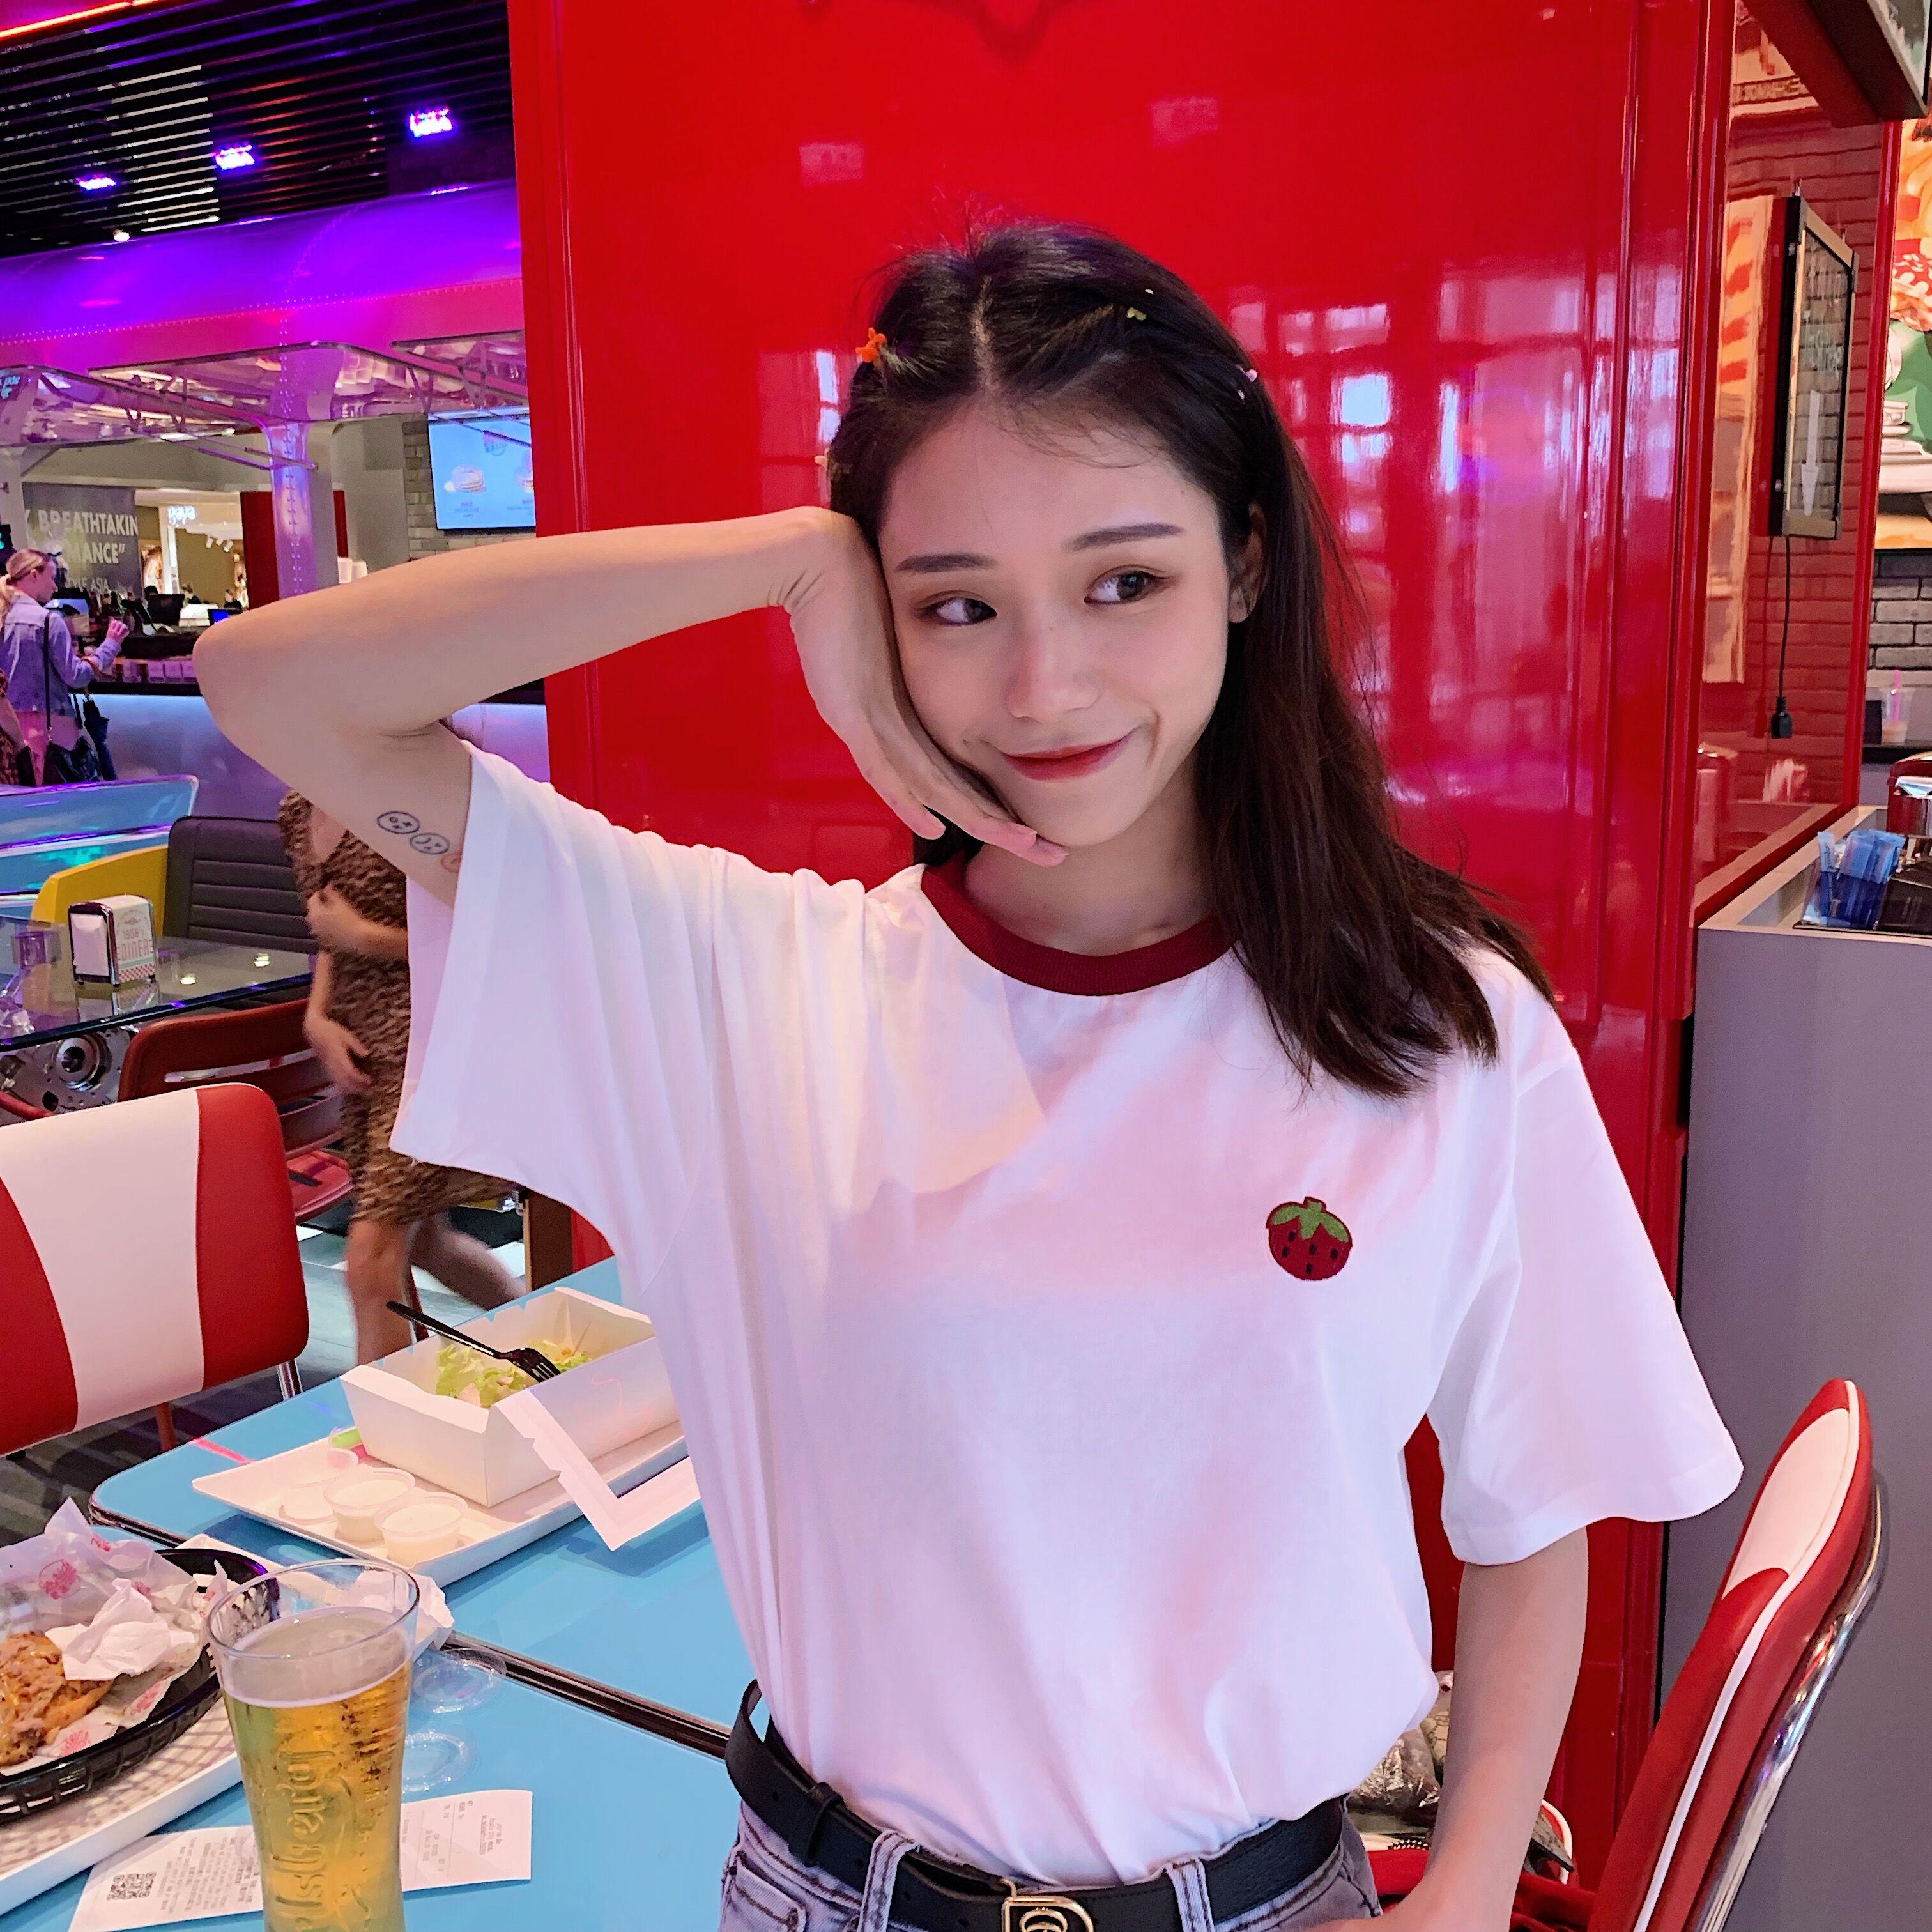 dch新款短袖顺滑的草莓t恤你的小圆领拼色可爱均码纯棉